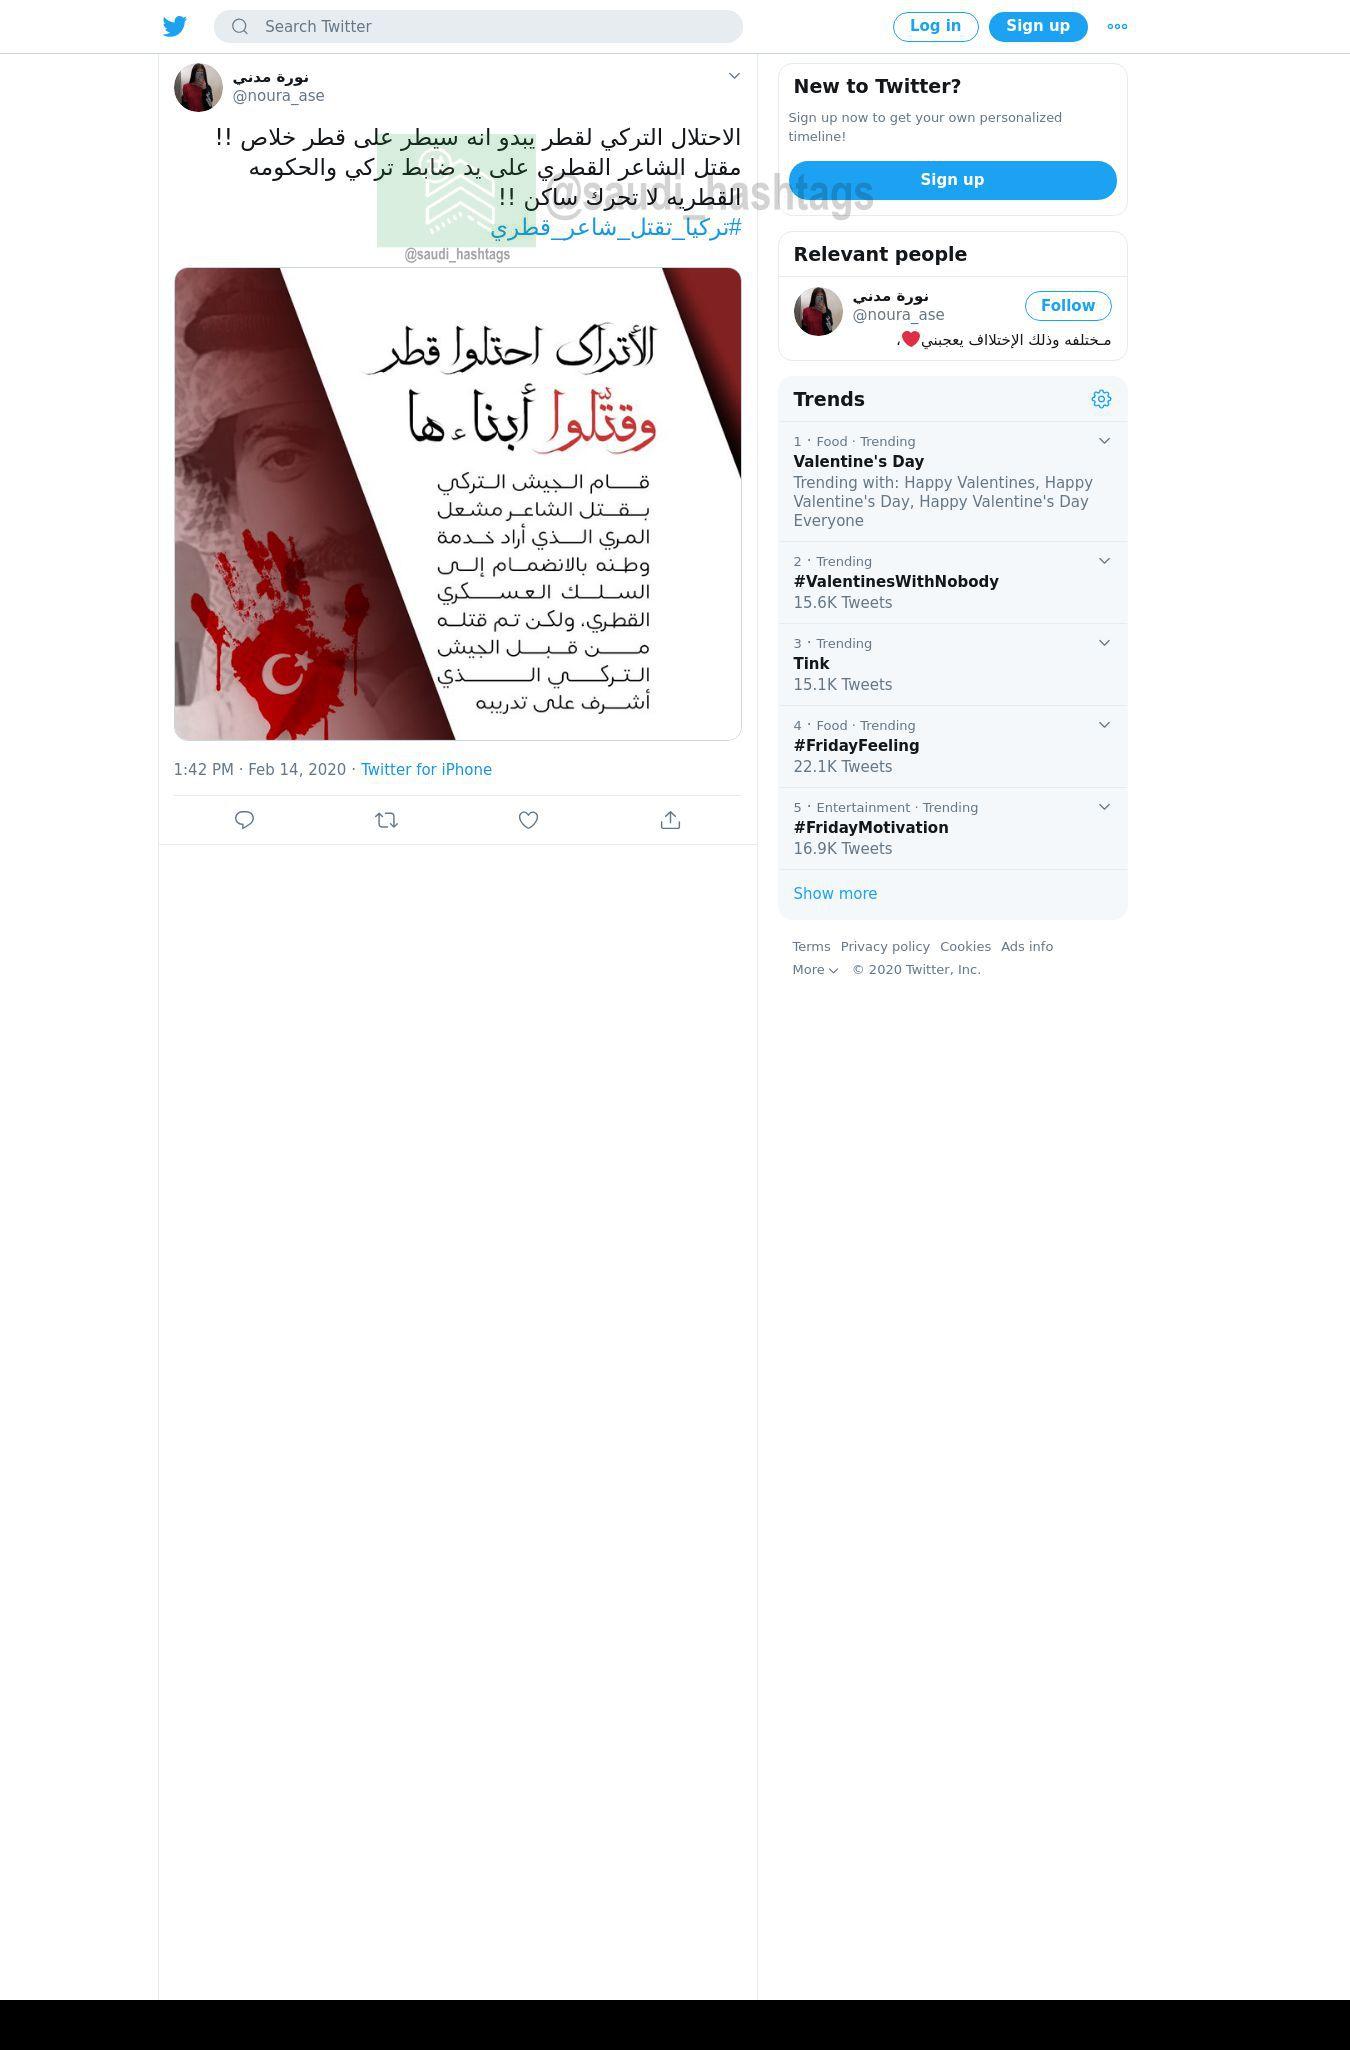 لقطة لاول تغريدة في هاشتاق #تركيا_تقتل_شاعر_قطري